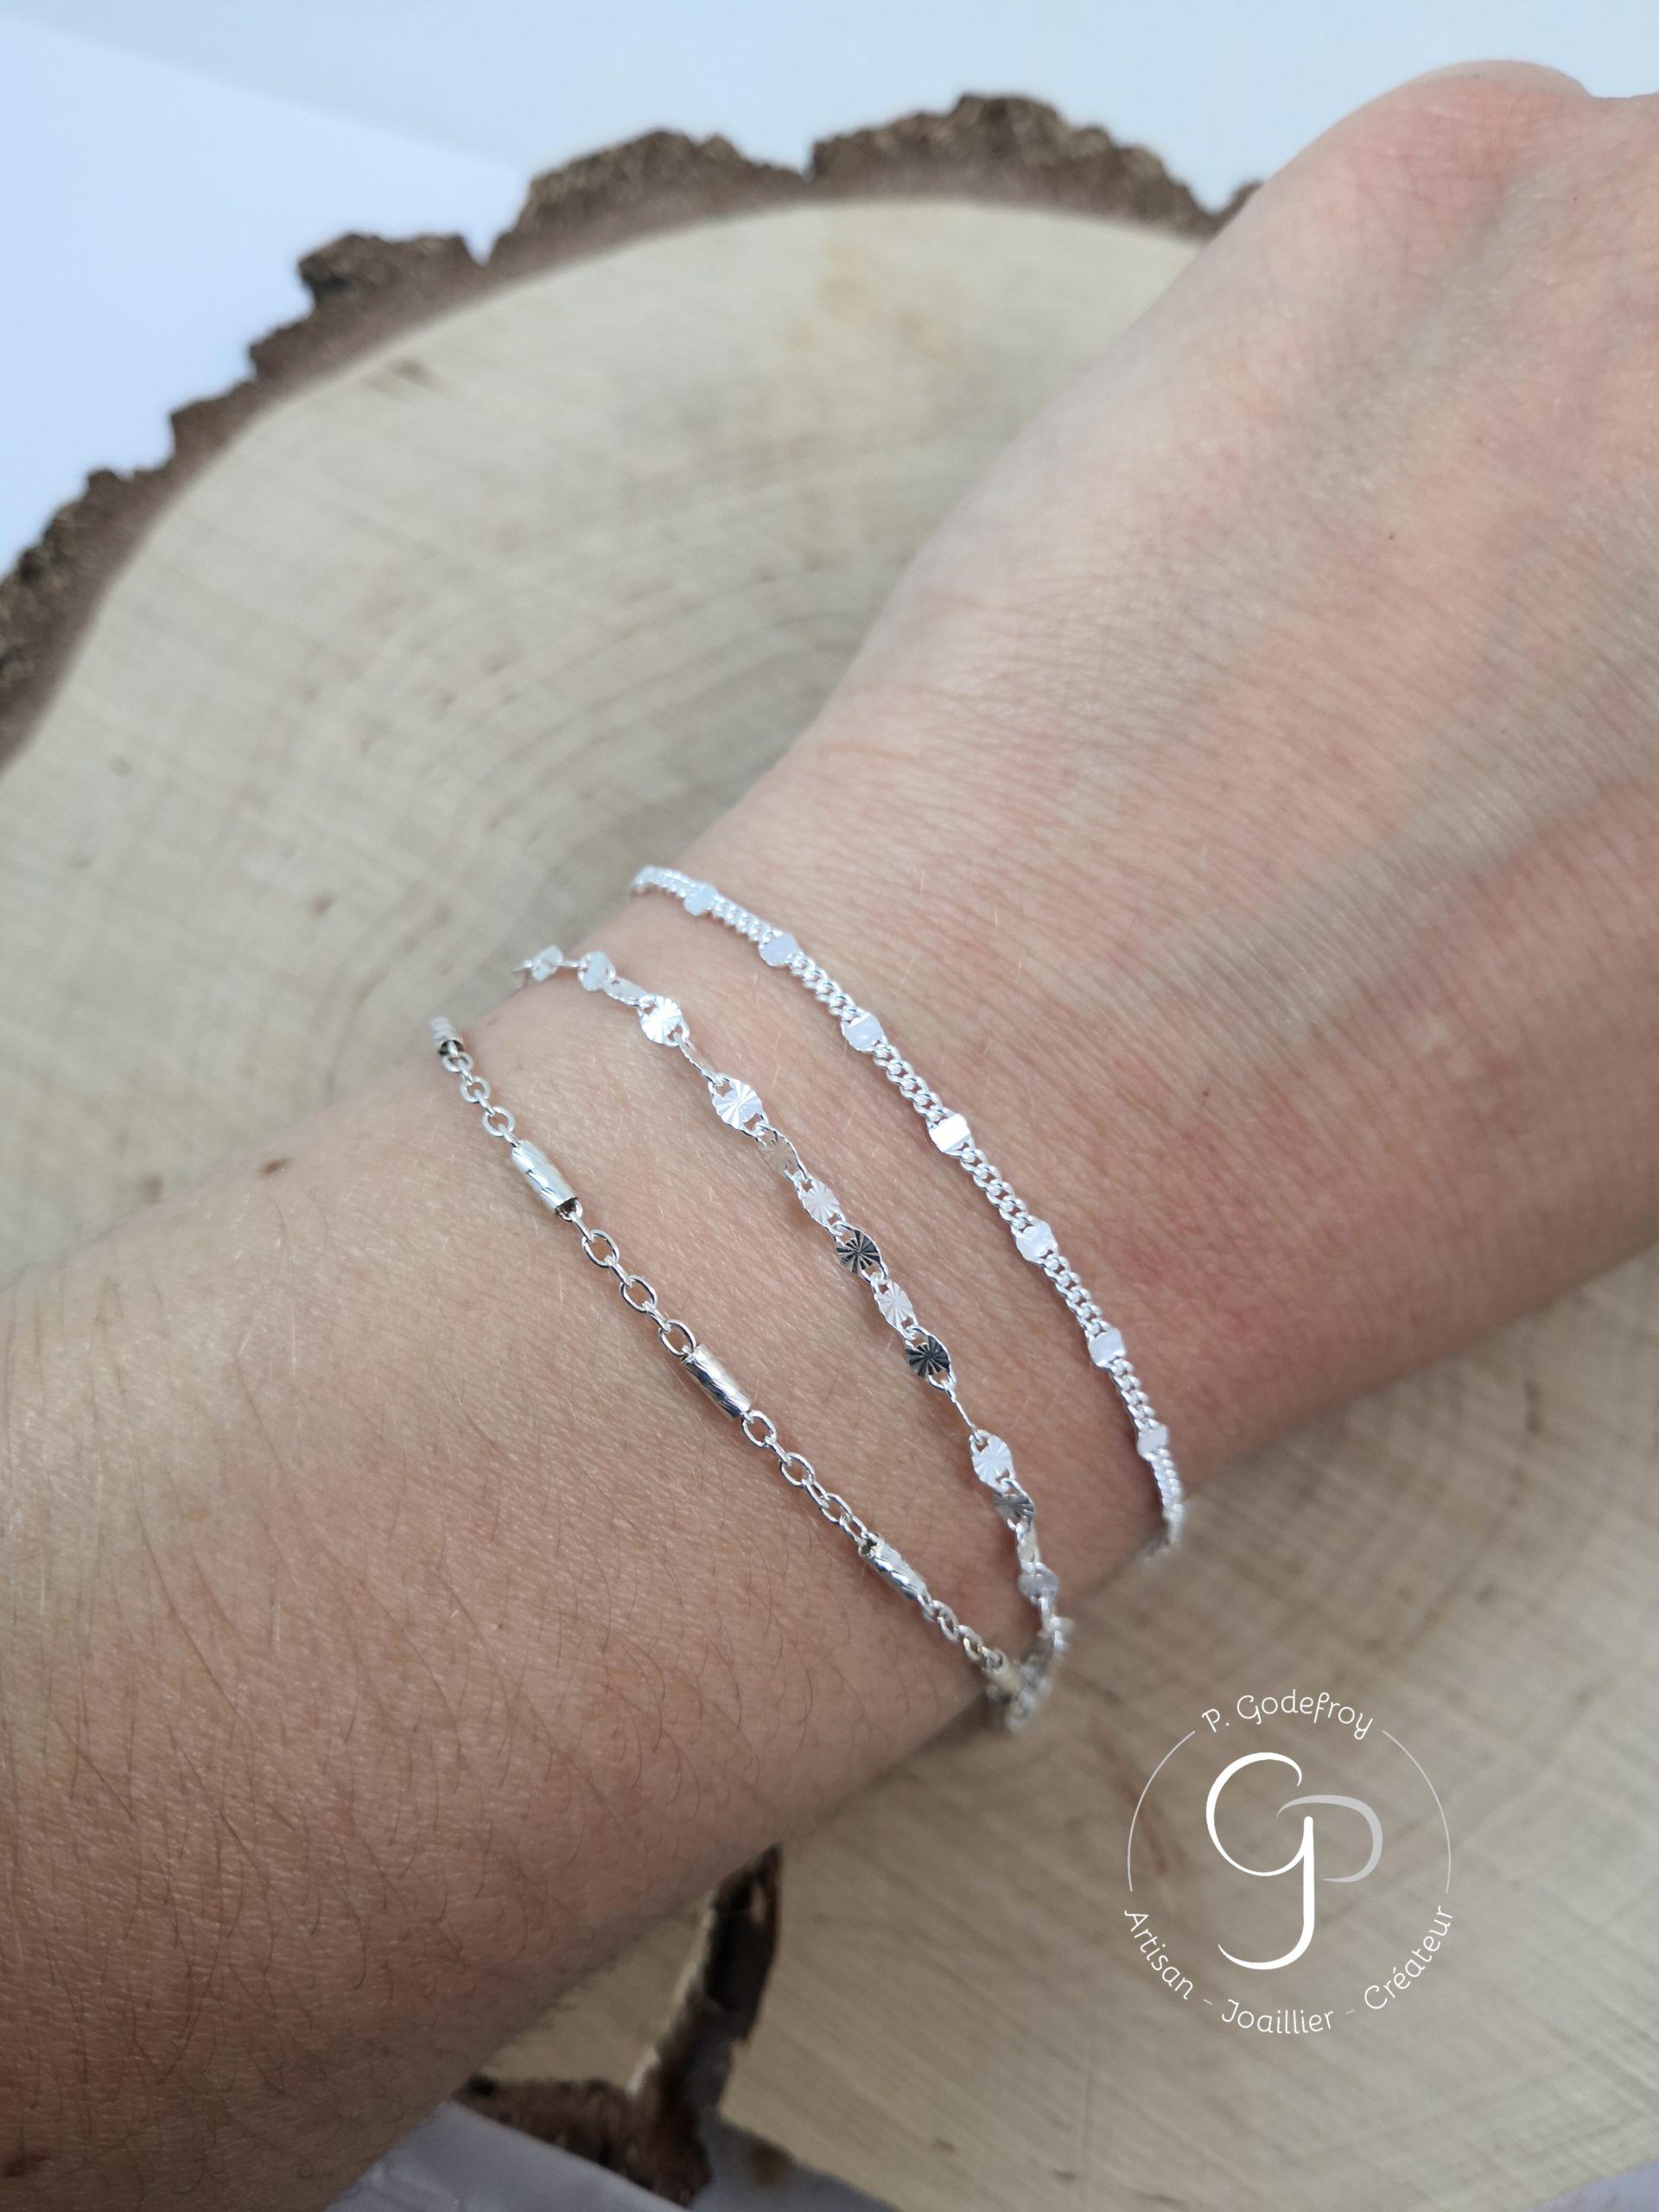 Bracelets bâtons diamantés, fantaisie, gourmette argent 925 millièmes 22 euros